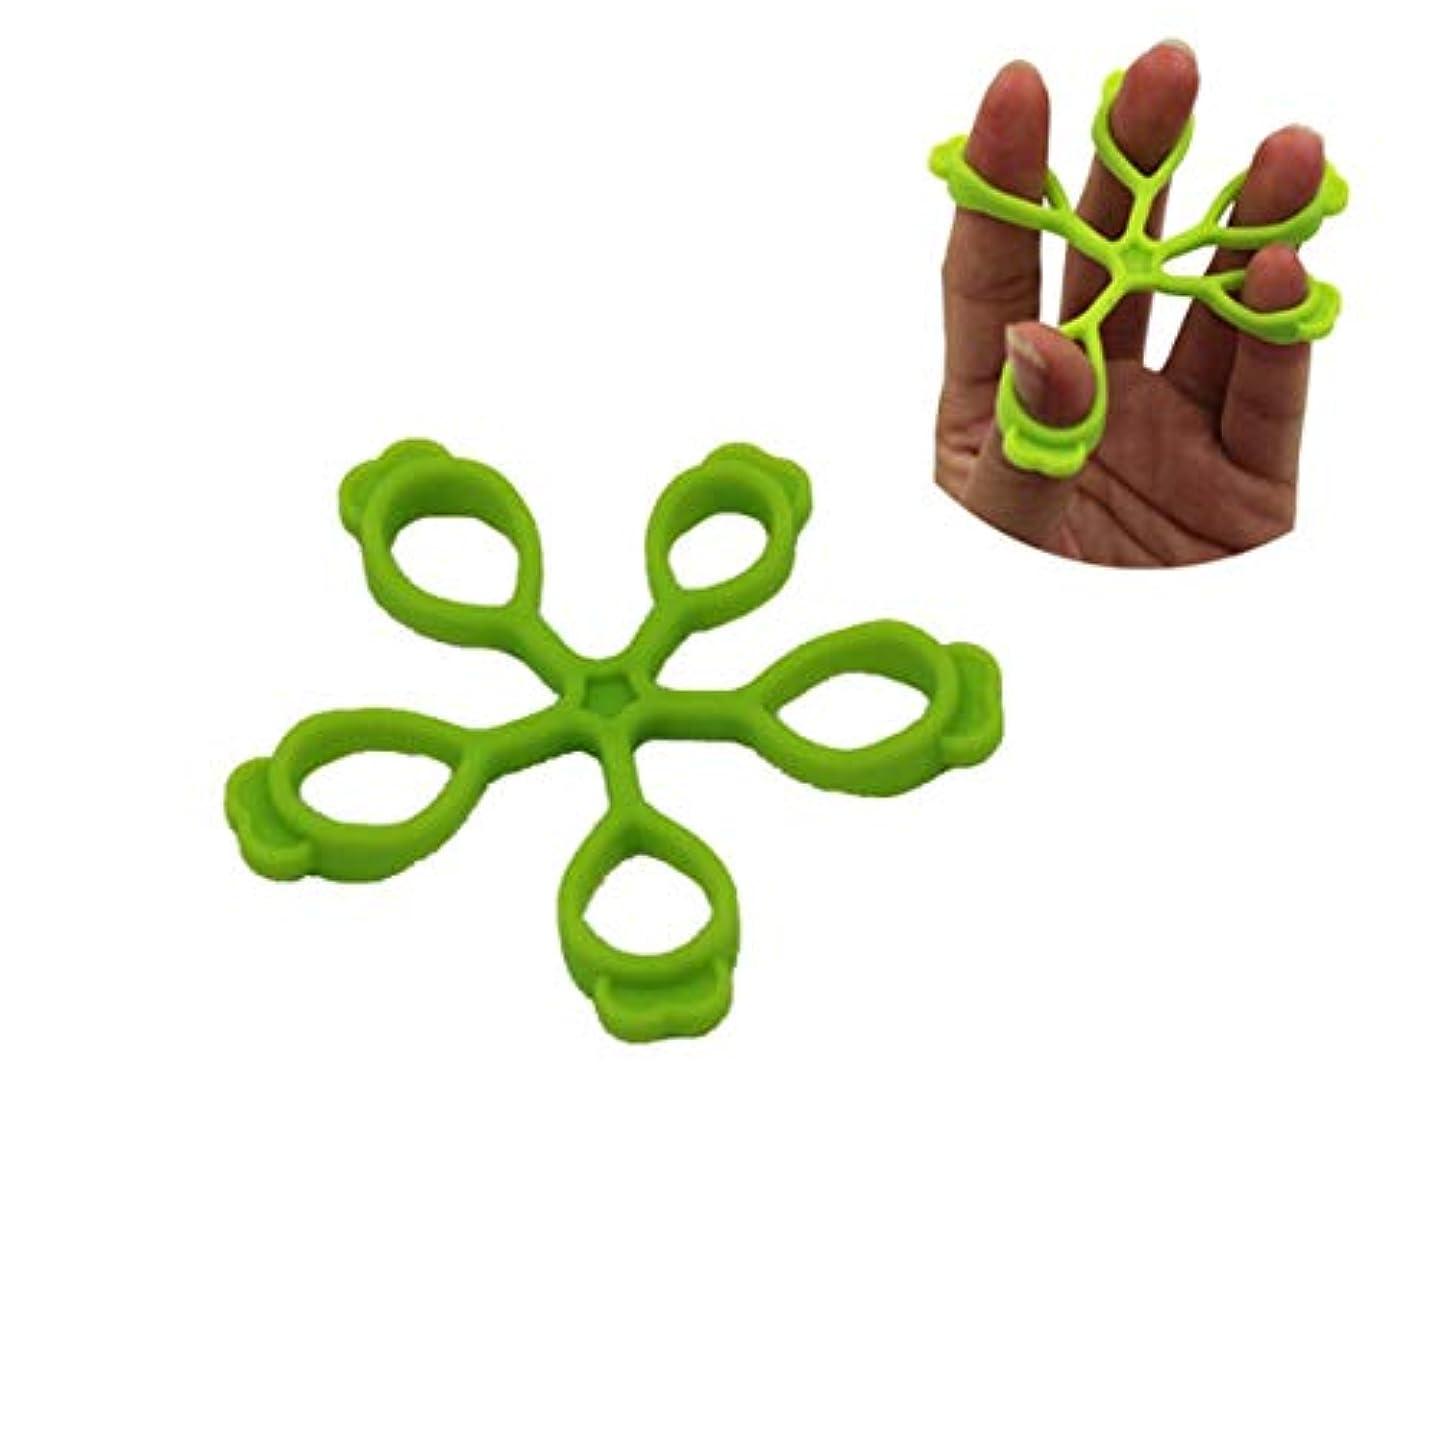 フルーツ野菜安全な常習者HLX-0115パターンシリコンフィンガートレーナー - グリーン